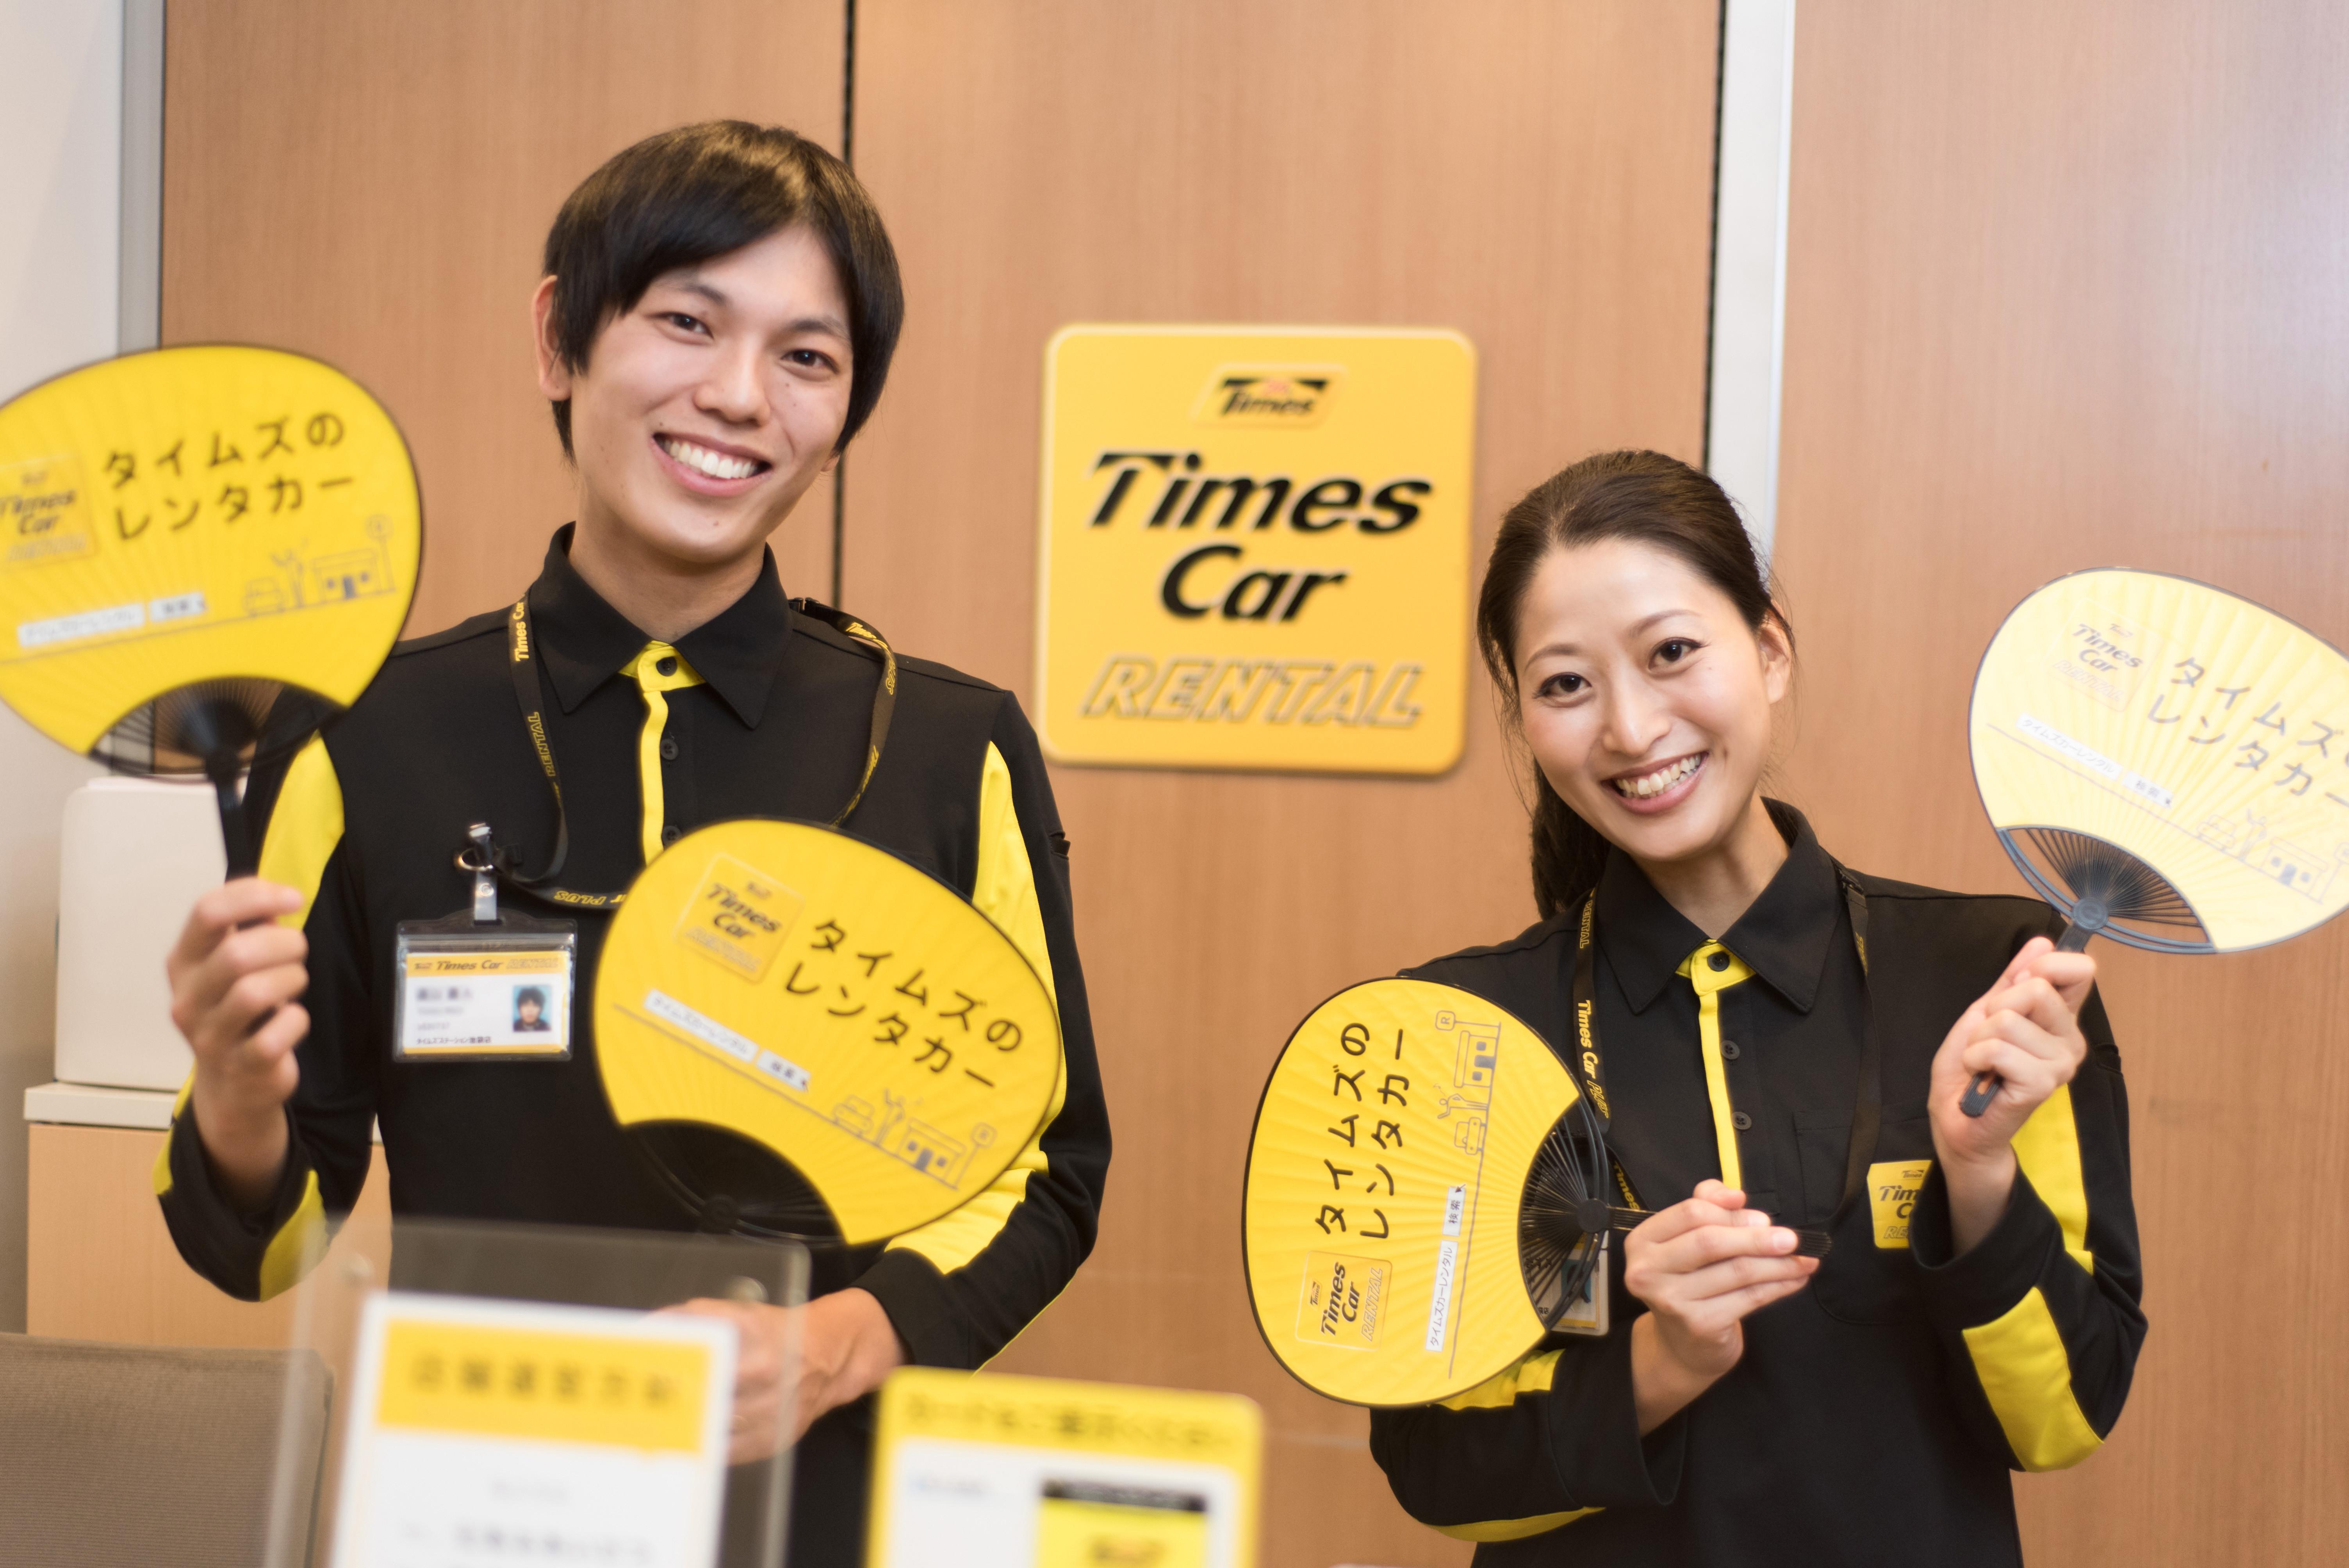 タイムズカーレンタル 屋久島空港店 のアルバイト情報